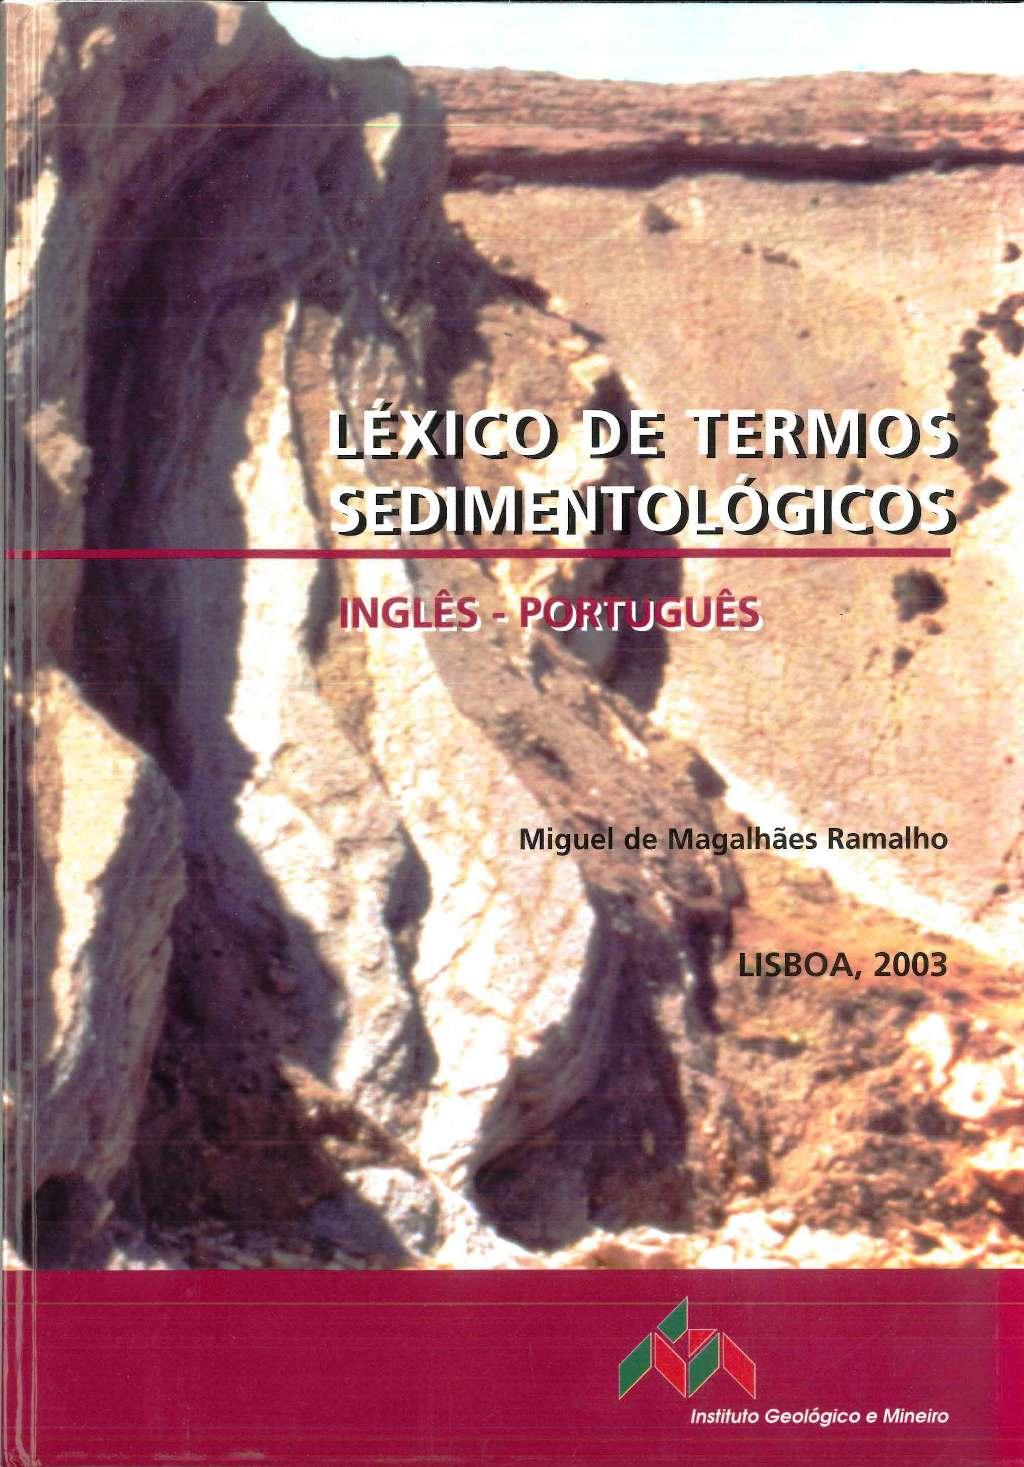 Léxico de Termos Sedimentológicos, Inglês-Português